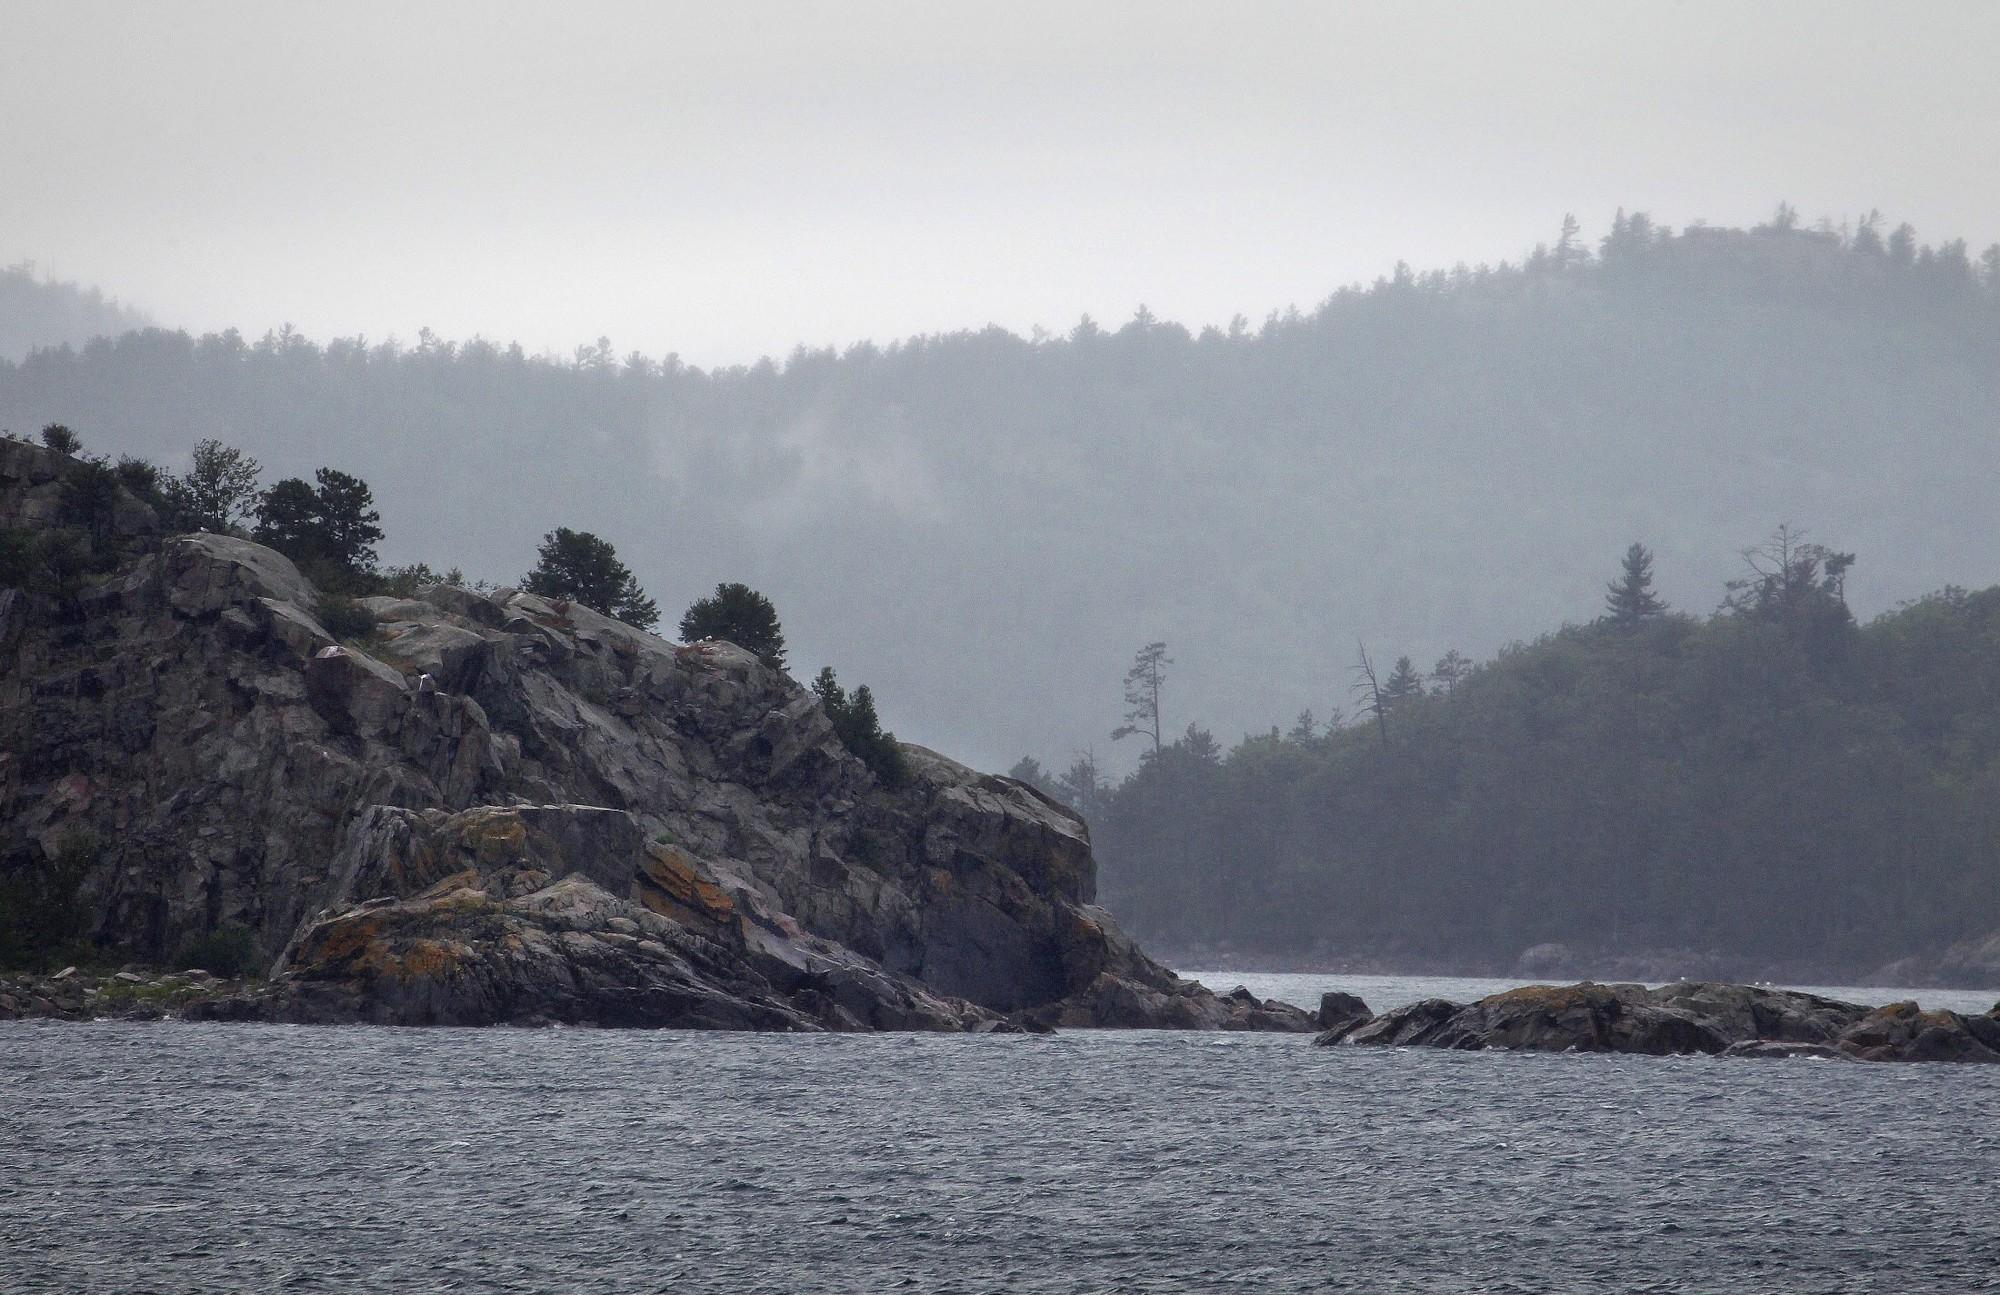 peninsula-superior-michigan-lago.jpg